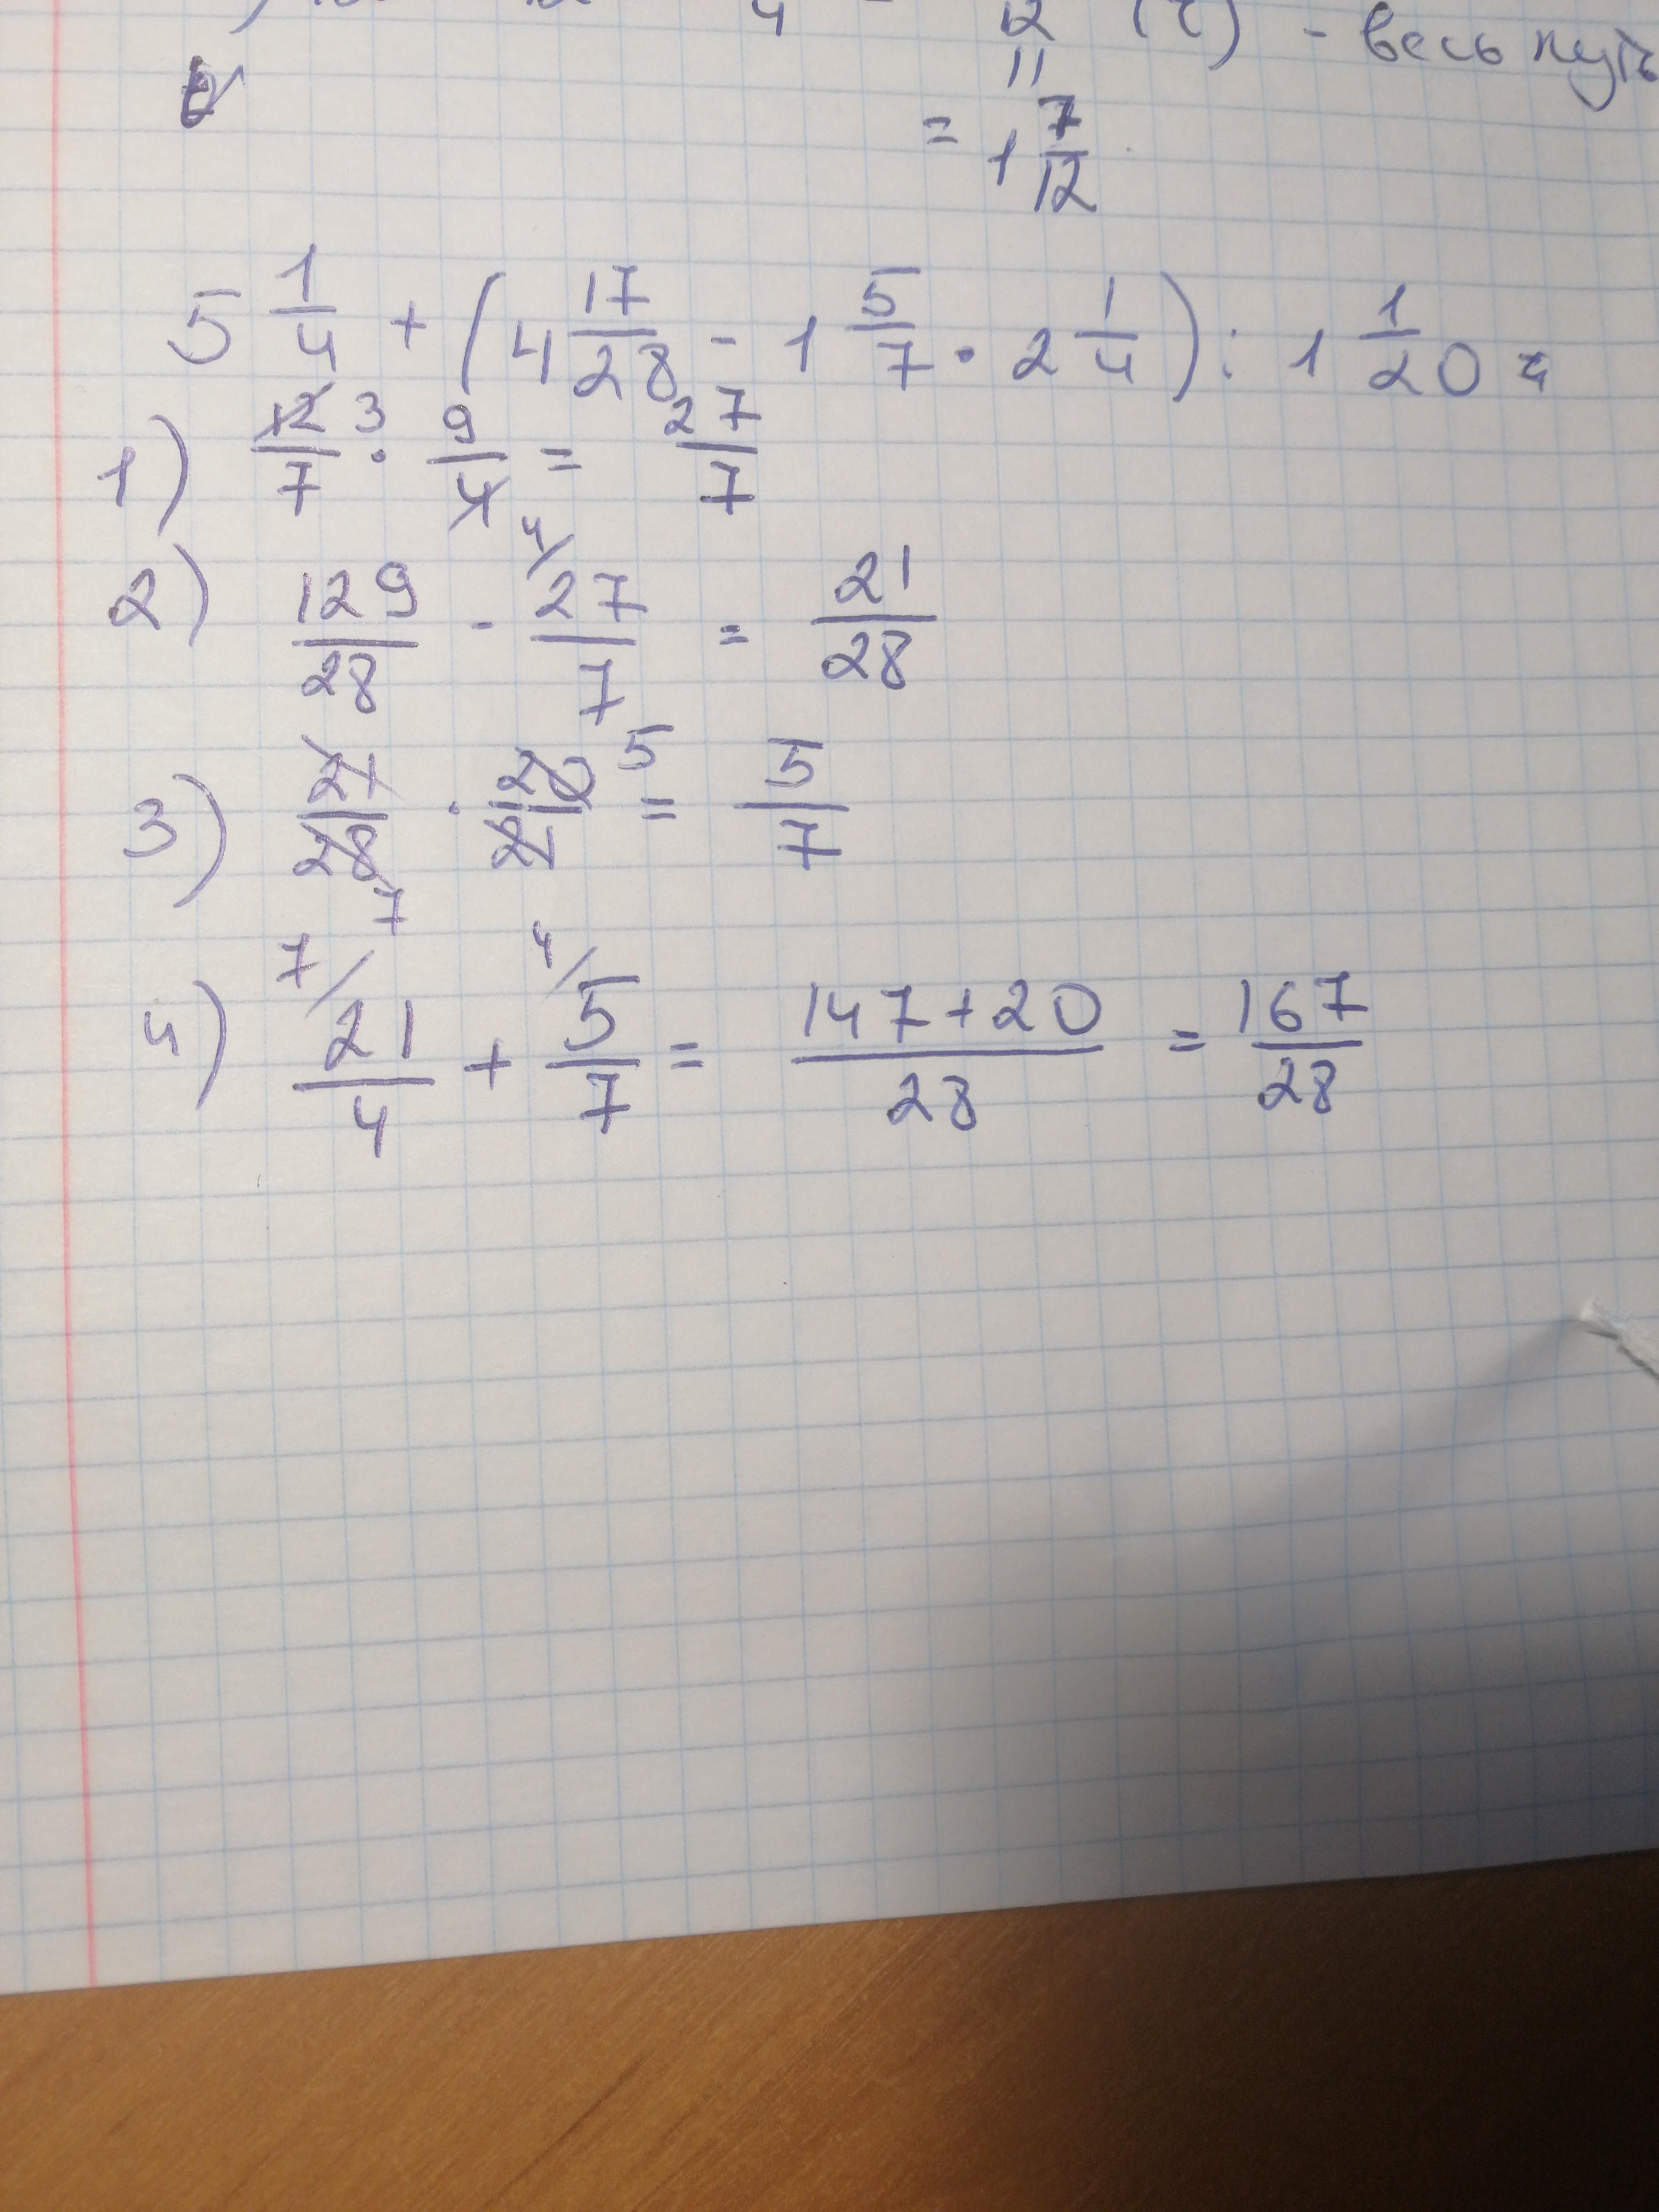 5 1/2+(4 17/28-1 5/7 *2 1/4) : 1 1/20=. помогите